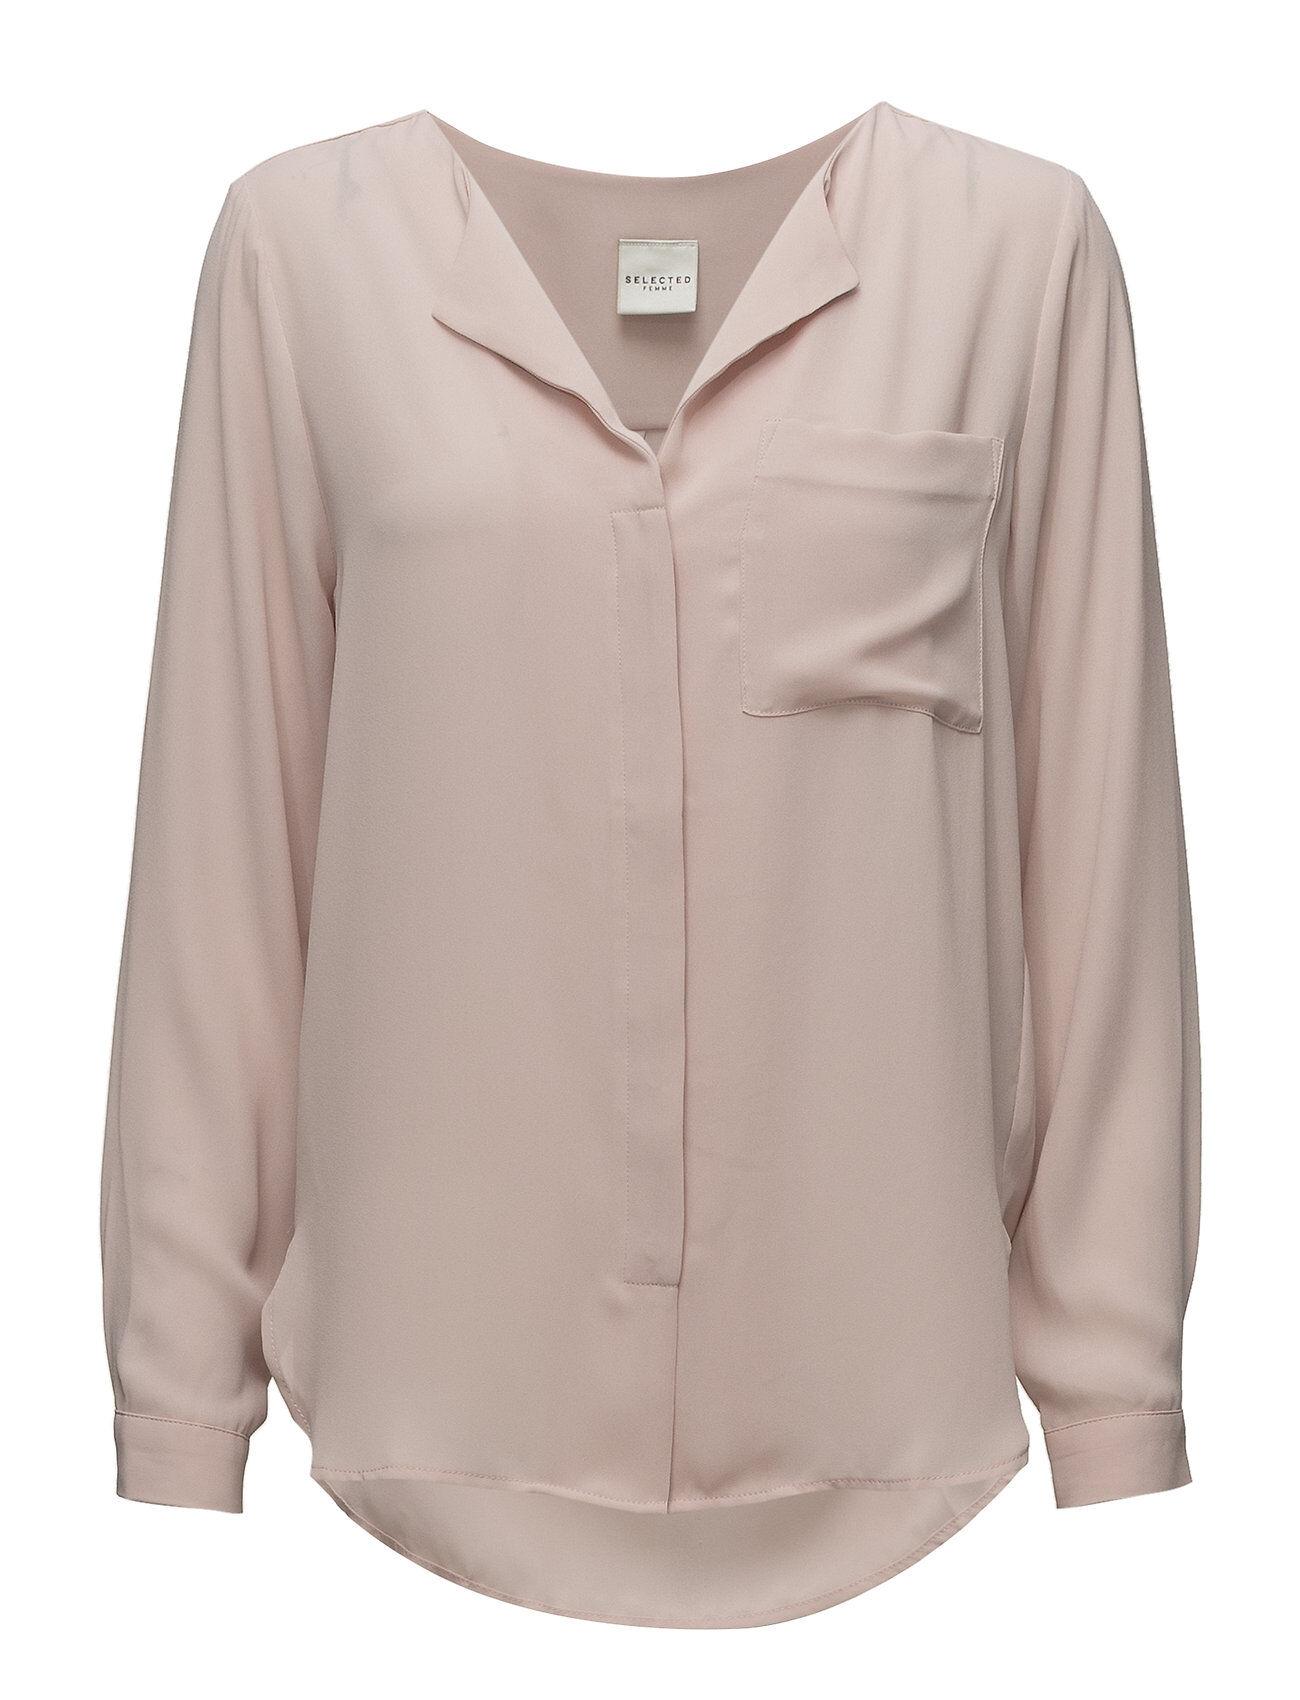 Selected Femme Slfdynella Ls Shirt Noos Pitkähihainen Pusero Paita Vaaleanpunainen Selected Femme